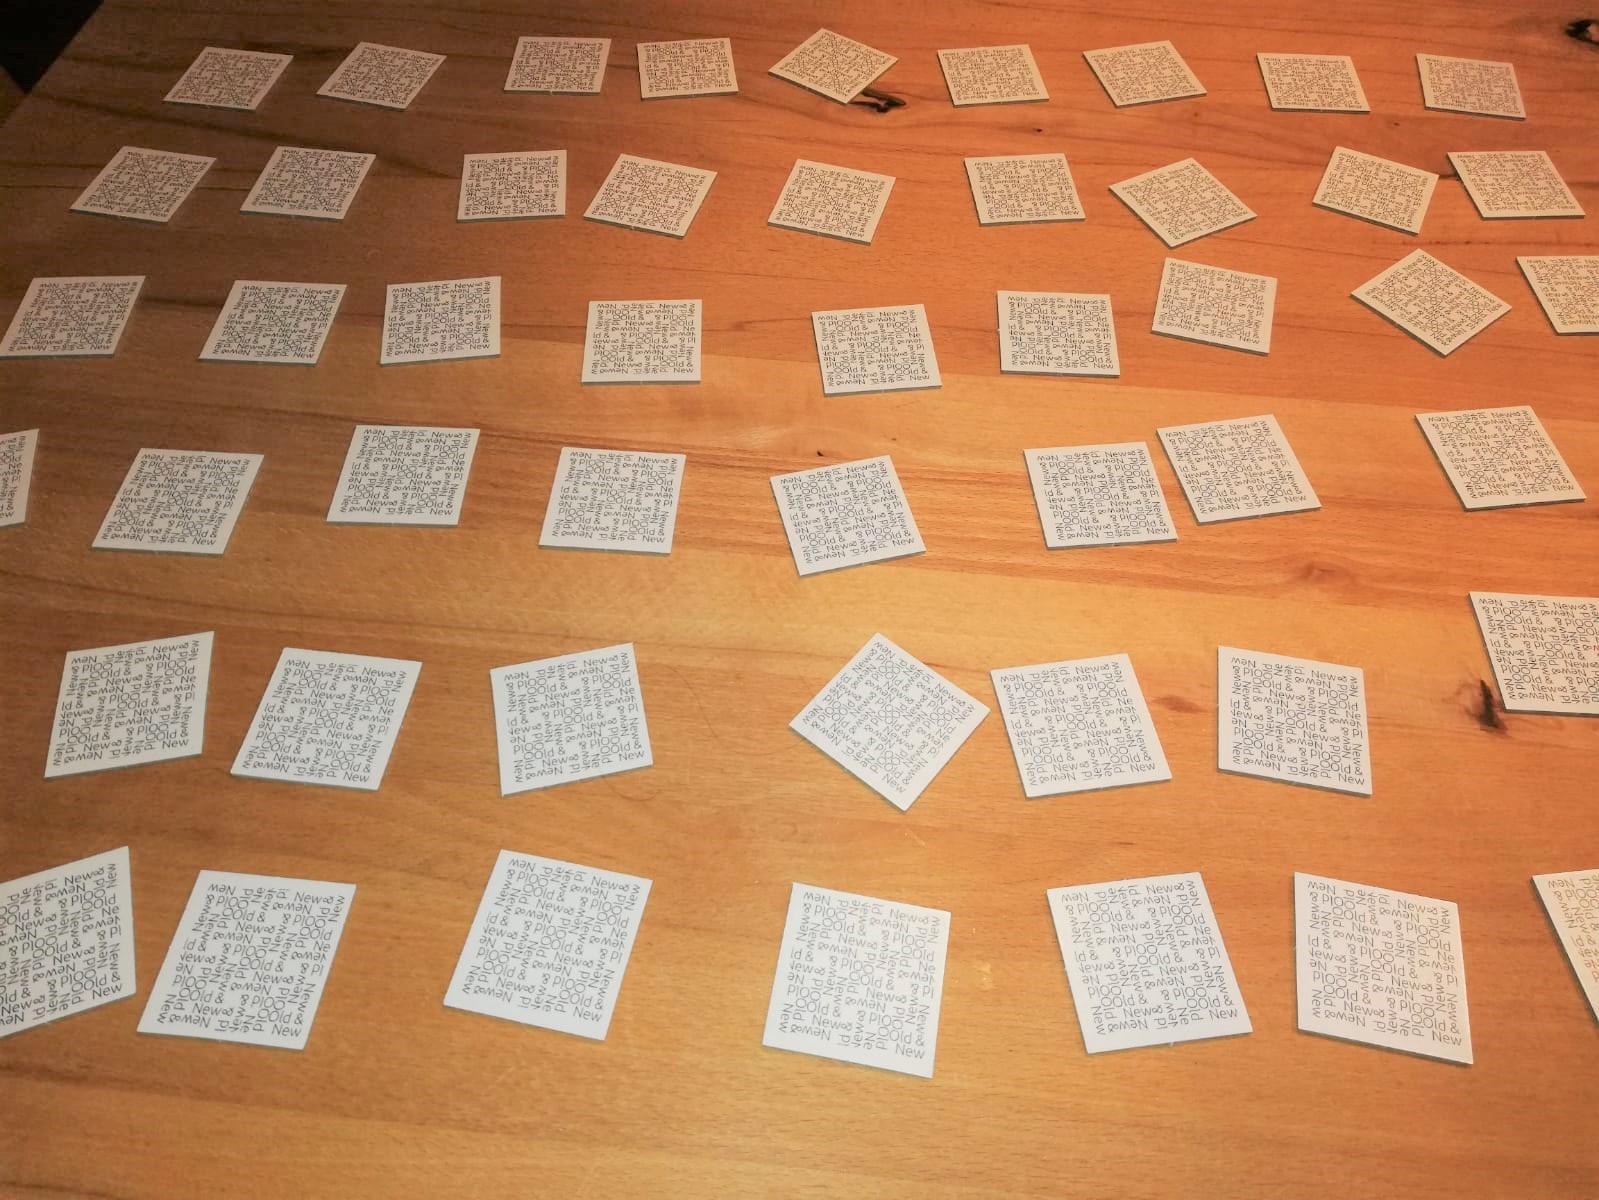 Alle Karten liegen verdeckt auf dem Tisch